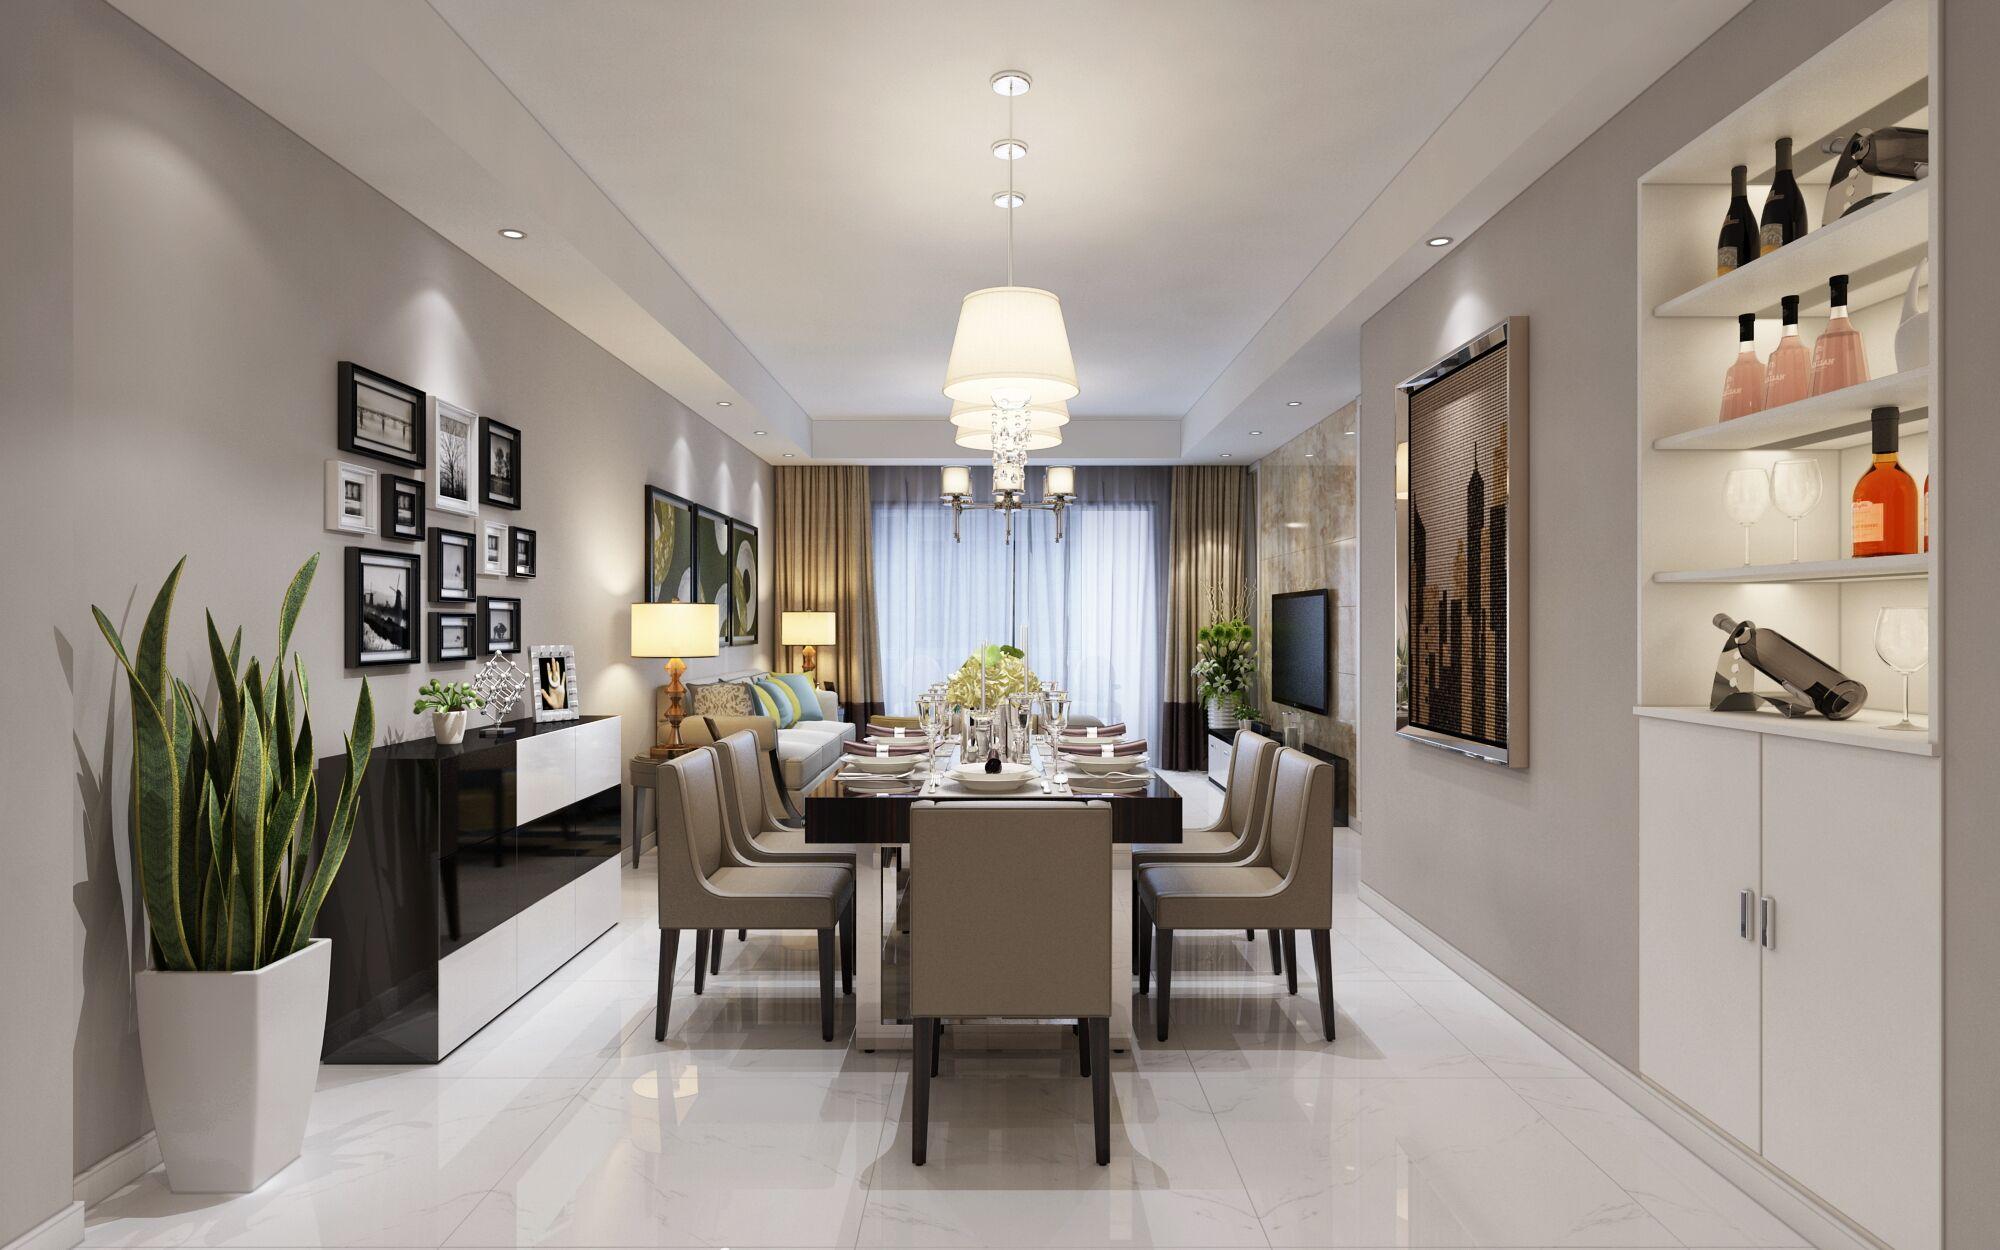 室内处处摆放着设计师精心搭配陈列品,如家具、灯饰和挂画等各种精致的物件,这些物件和现代简约的设计在恰当的空间邂逅,让简约设计蕴涵着深深的文化印记,让空间焕发活力。